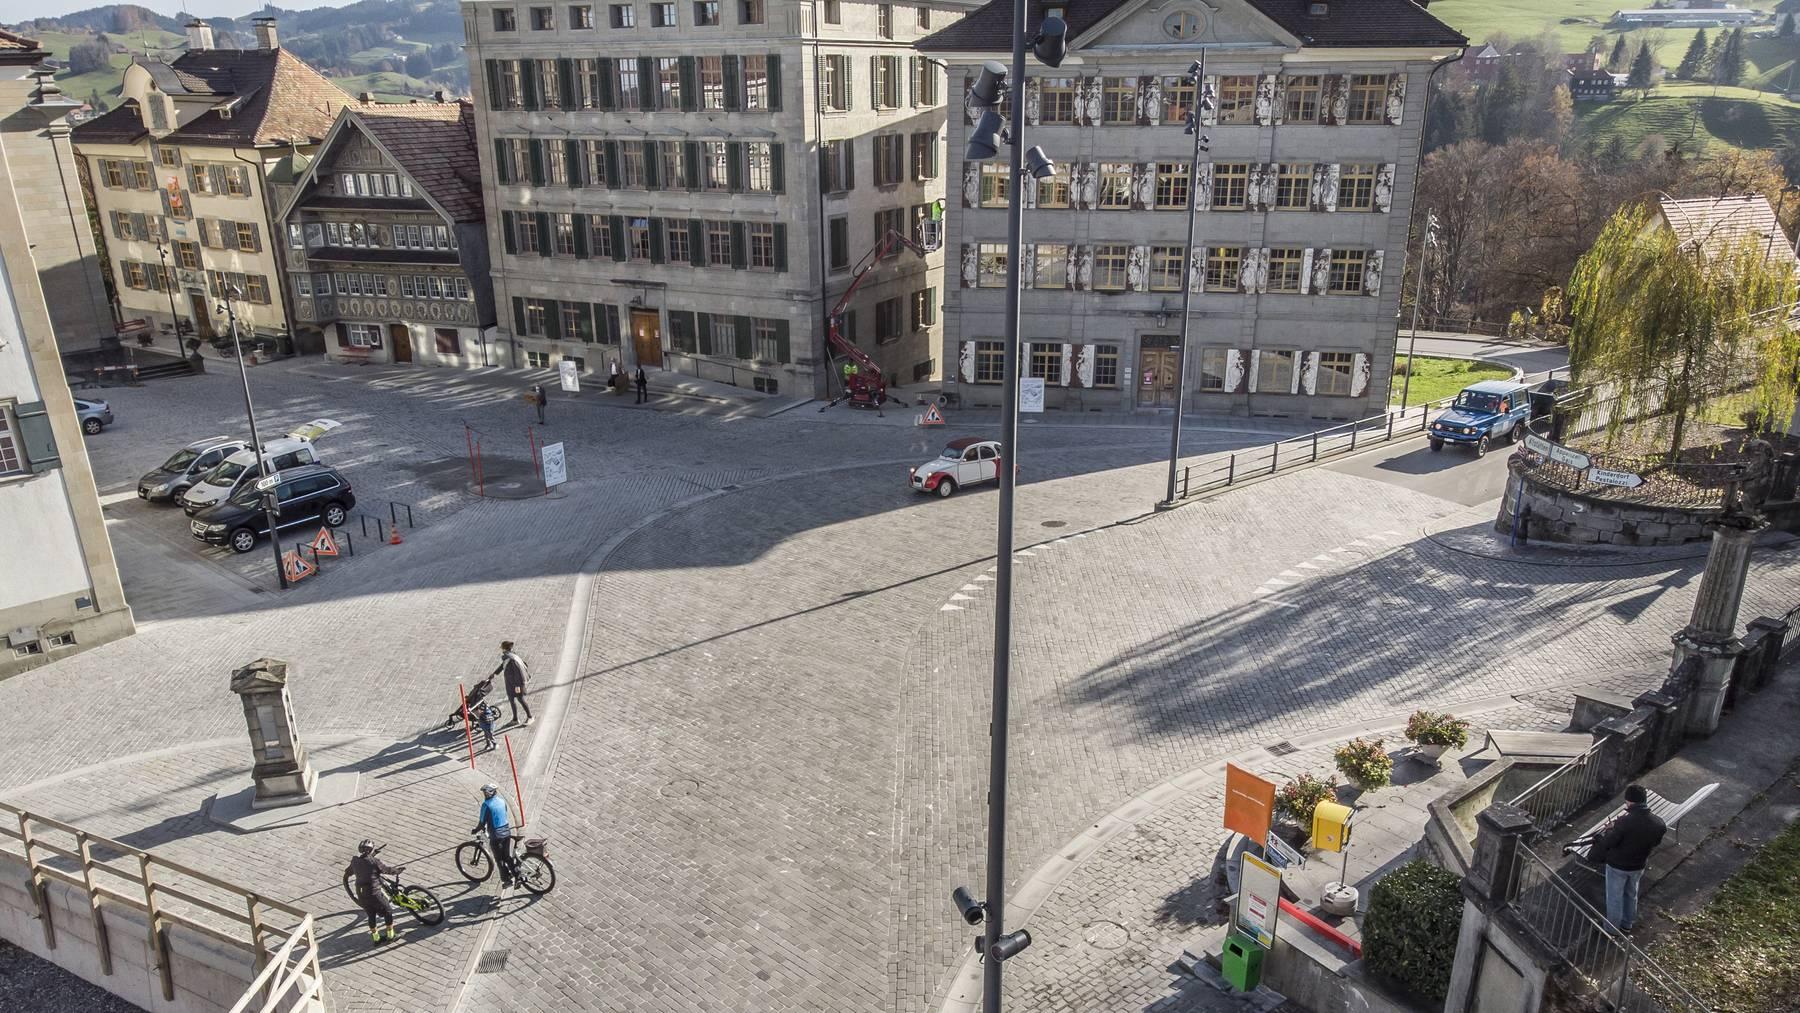 Landsgemeindeplatz Trogen